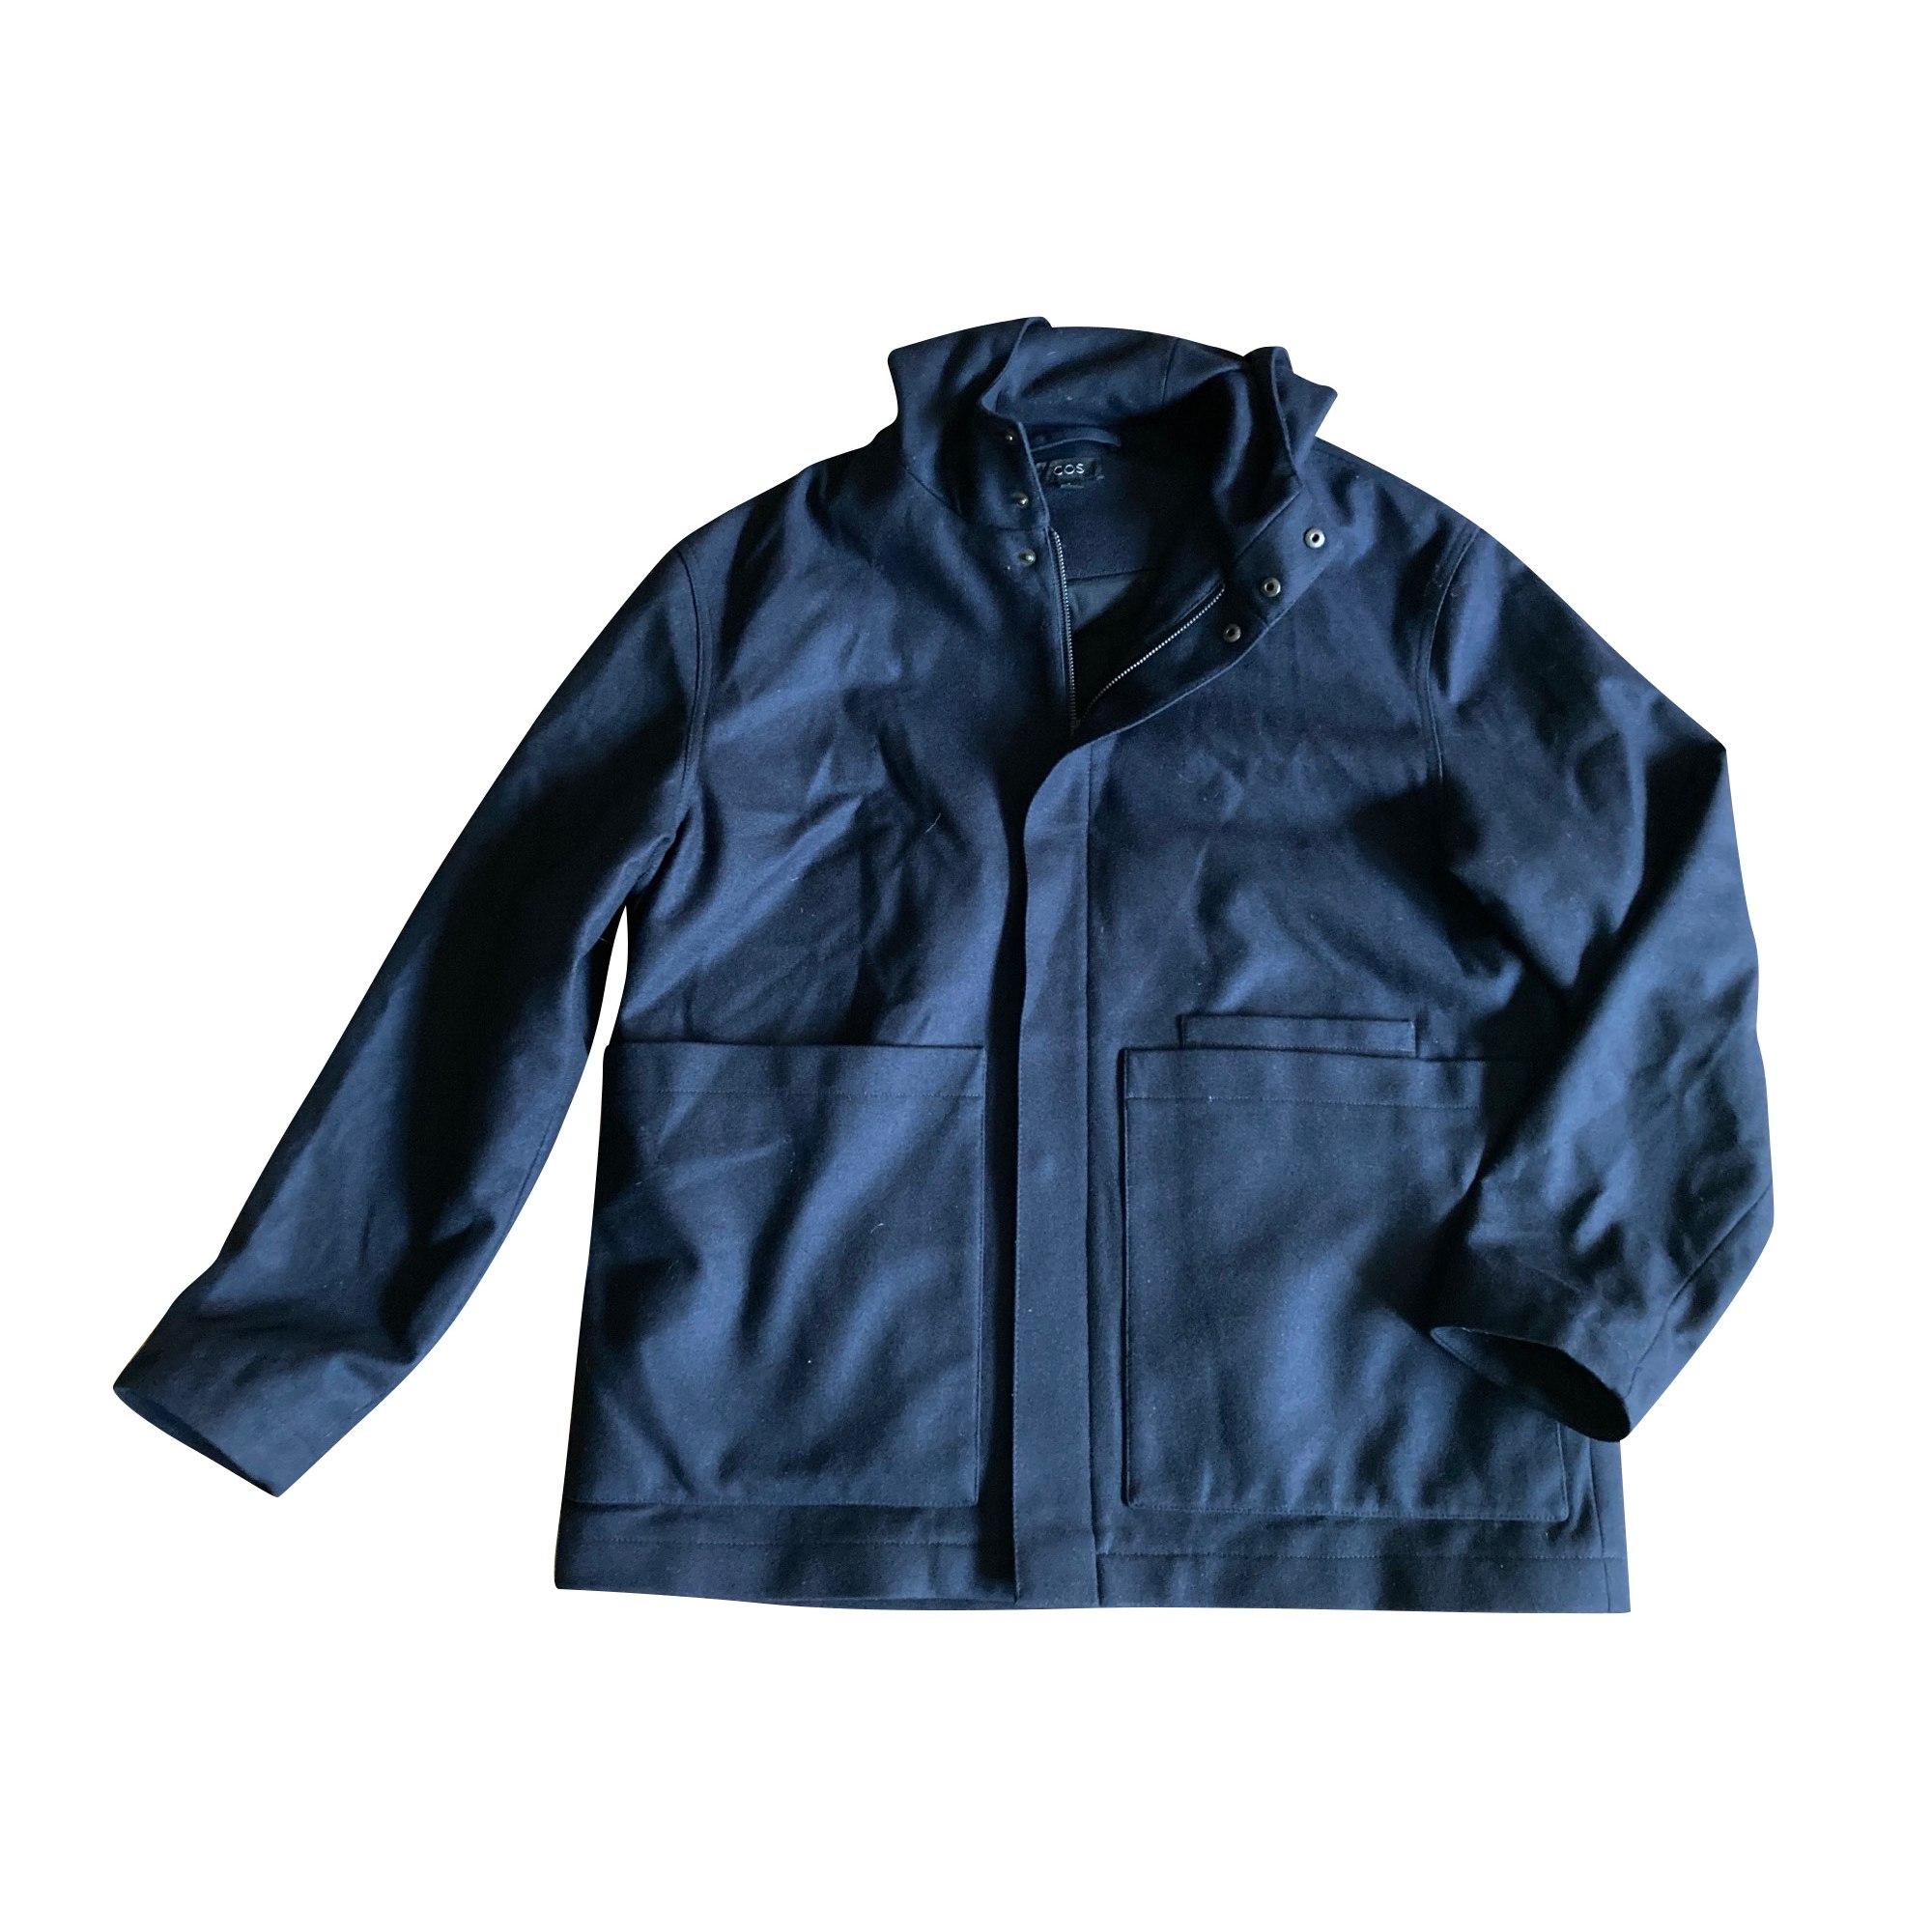 Caban COS Bleu, bleu marine, bleu turquoise